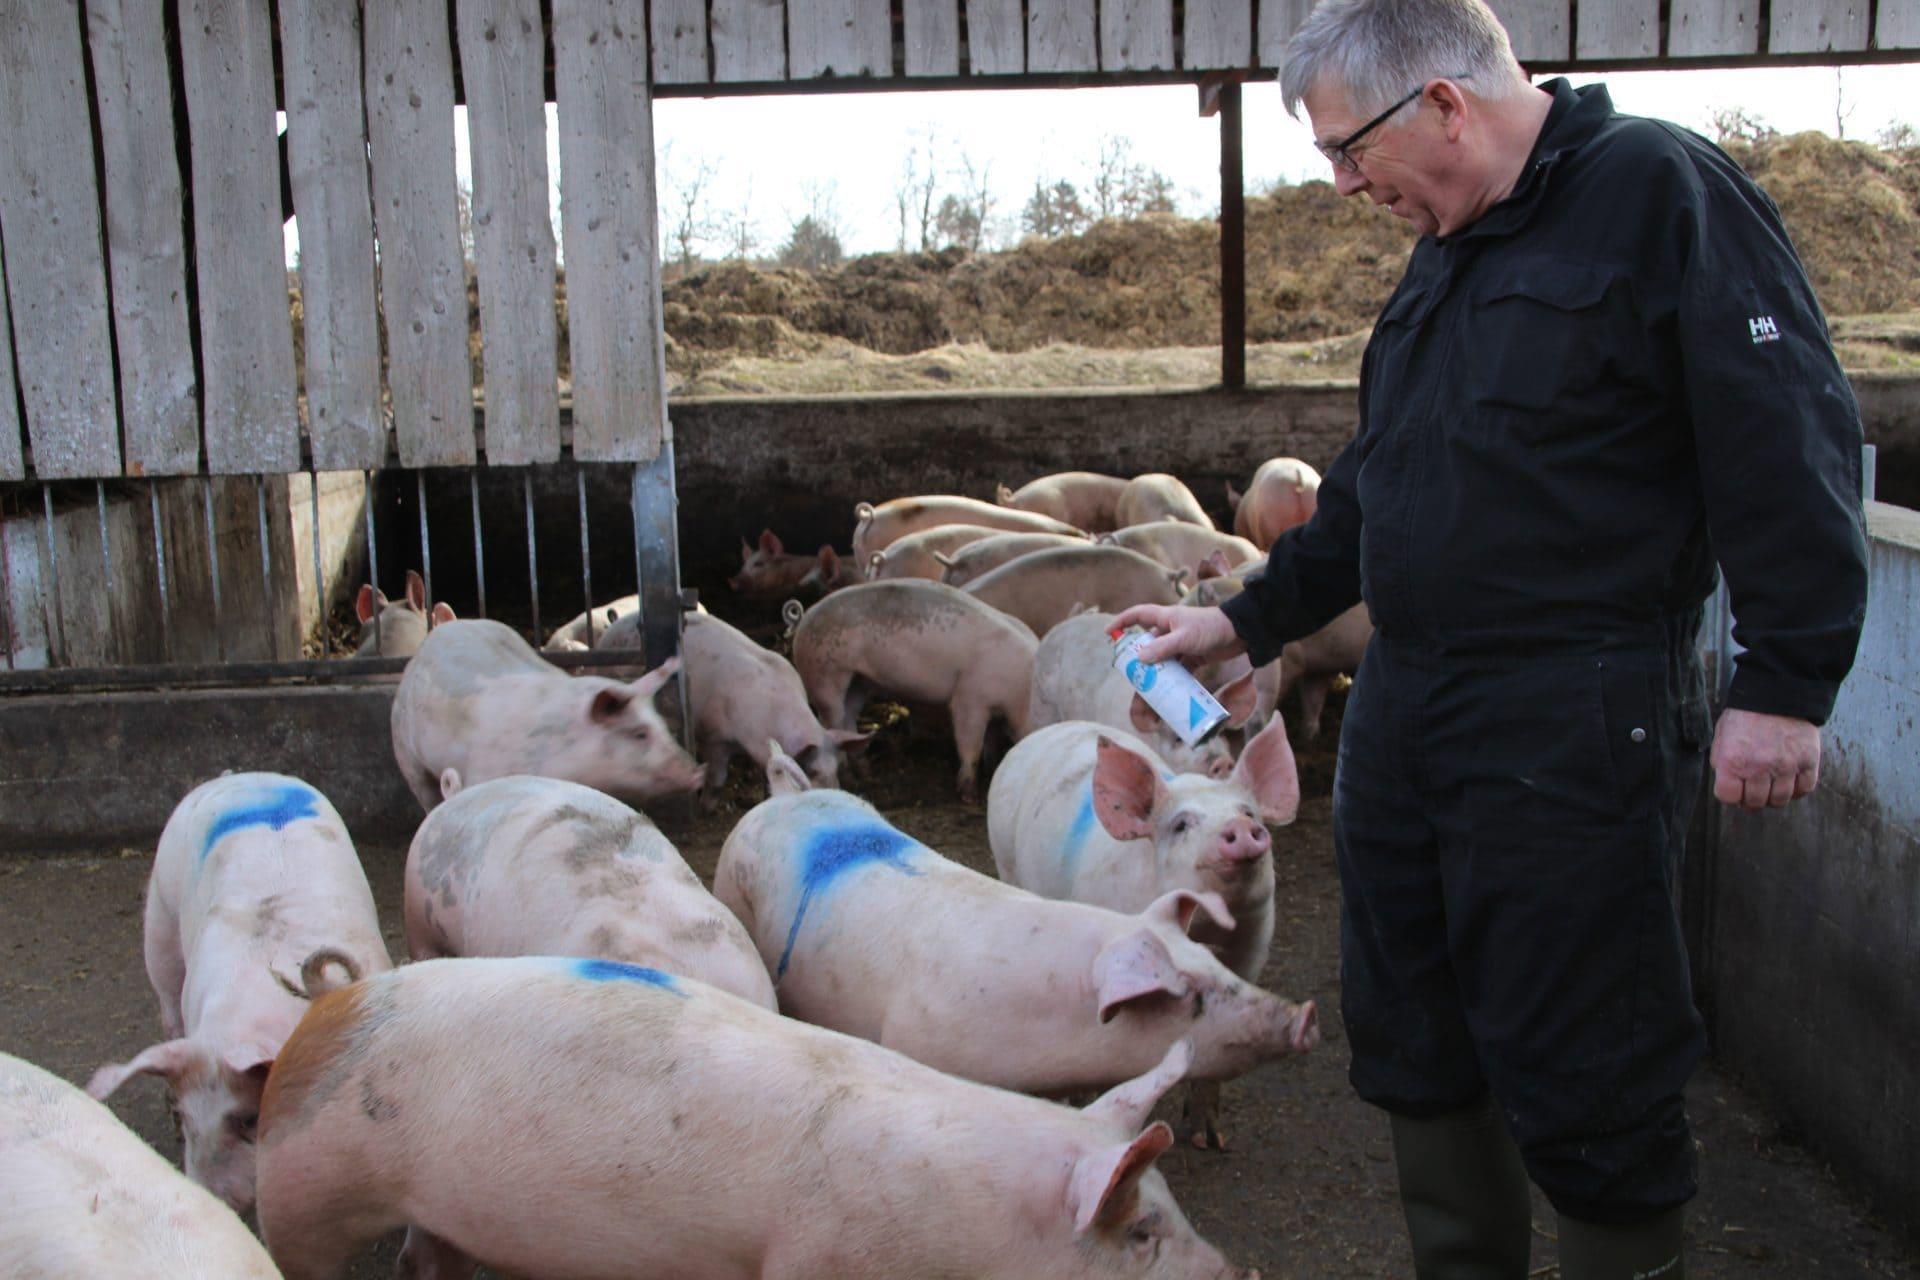 Søren Peder afmærker de økologiske grise